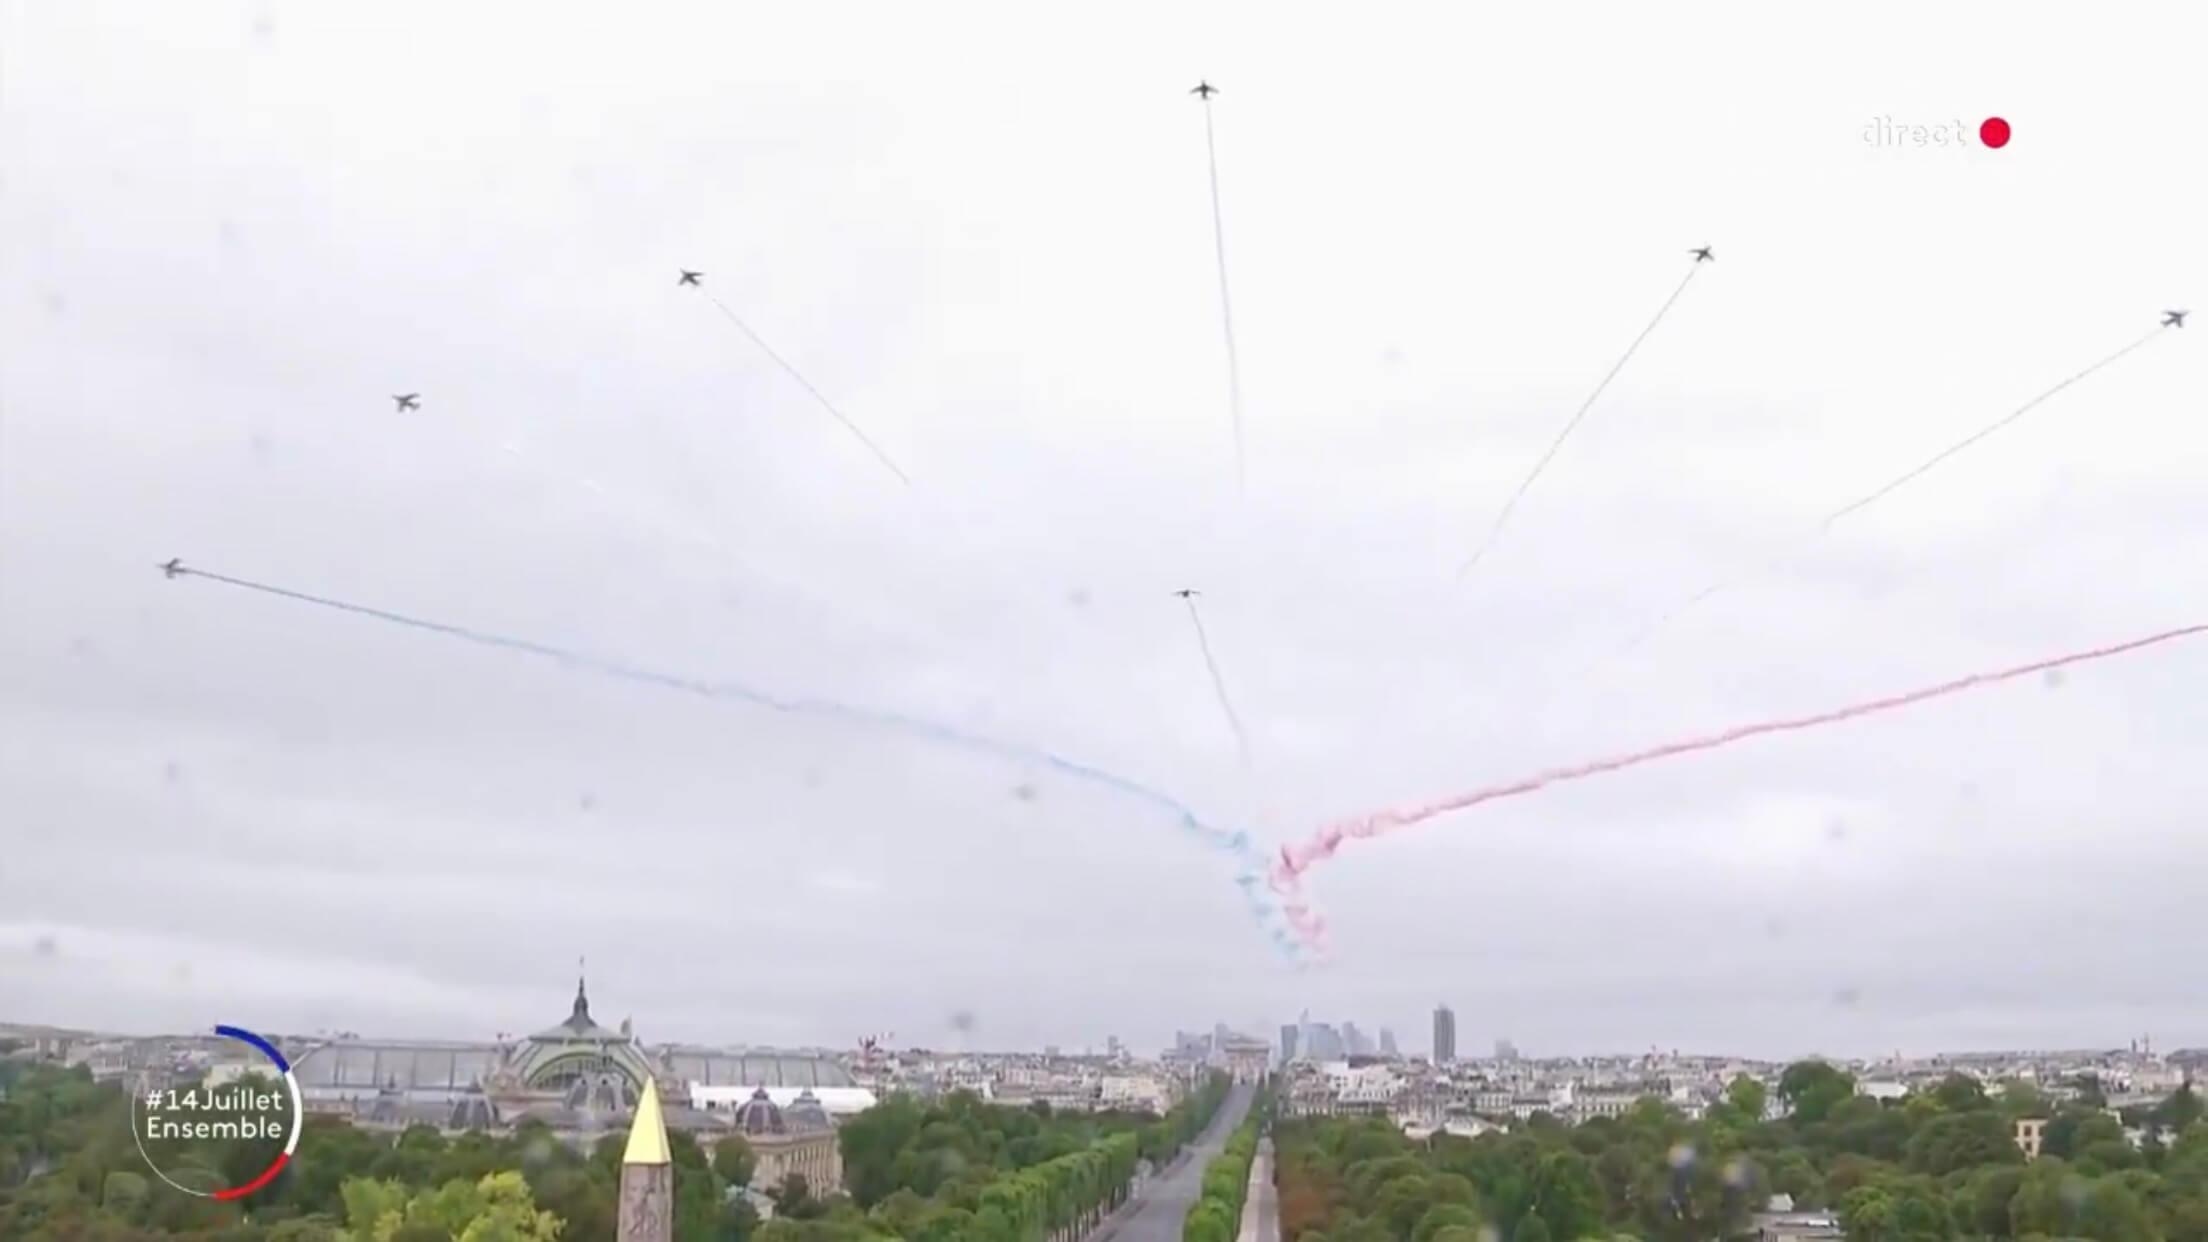 パリ最新情報「静かなパリ祭」